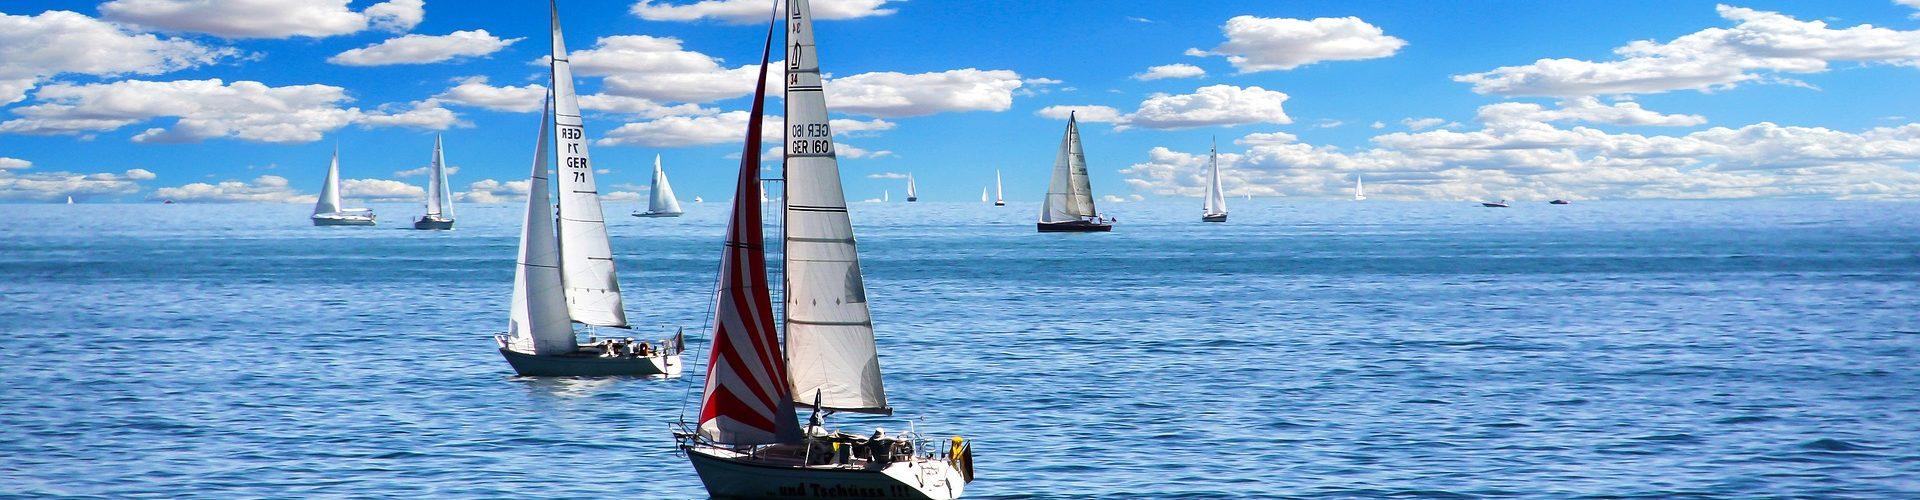 segeln lernen in Aalen segelschein machen in Aalen 1920x500 - Segeln lernen in Aalen